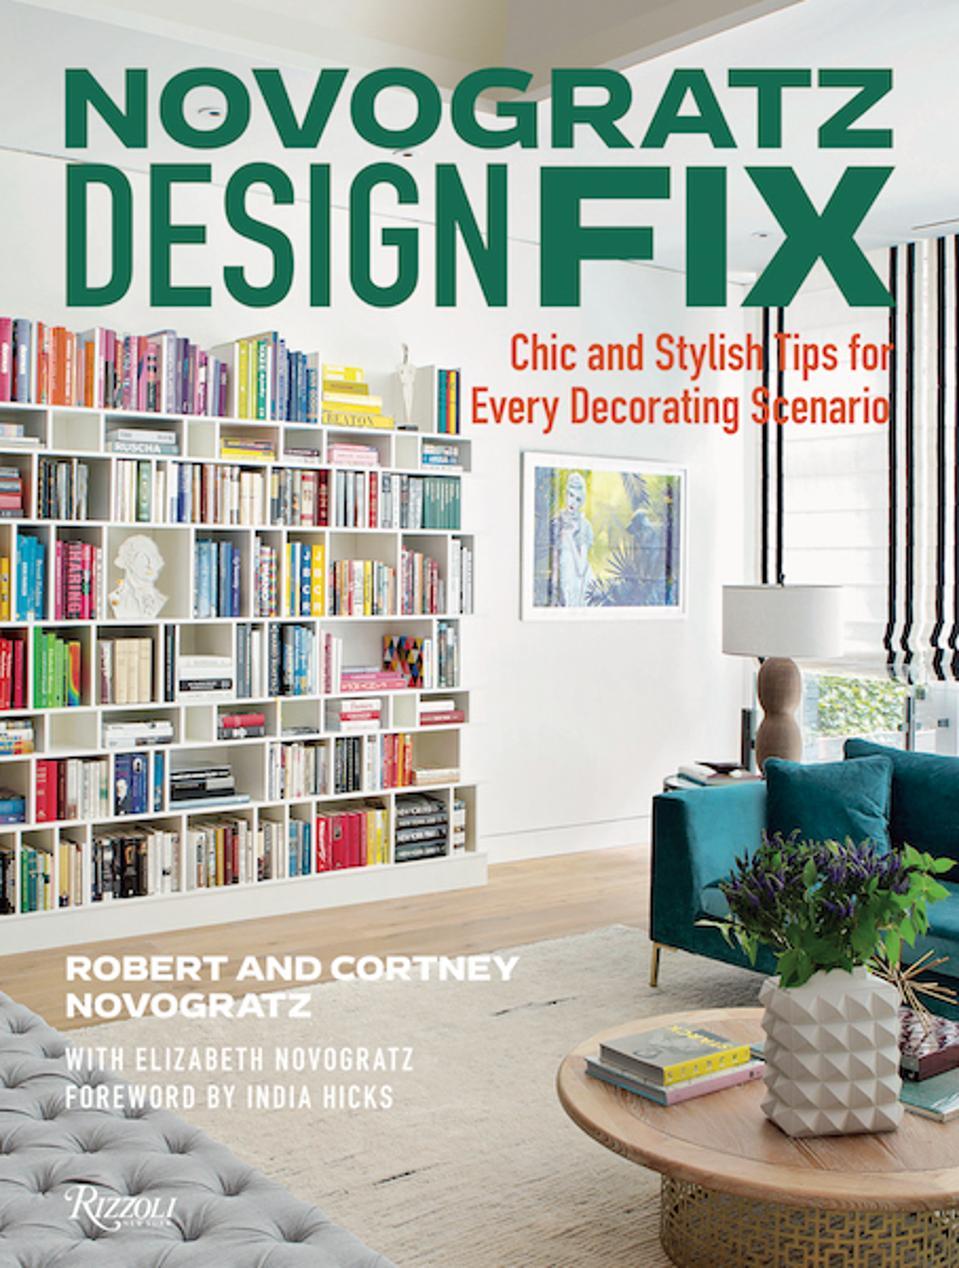 Novogratz Design Fix book